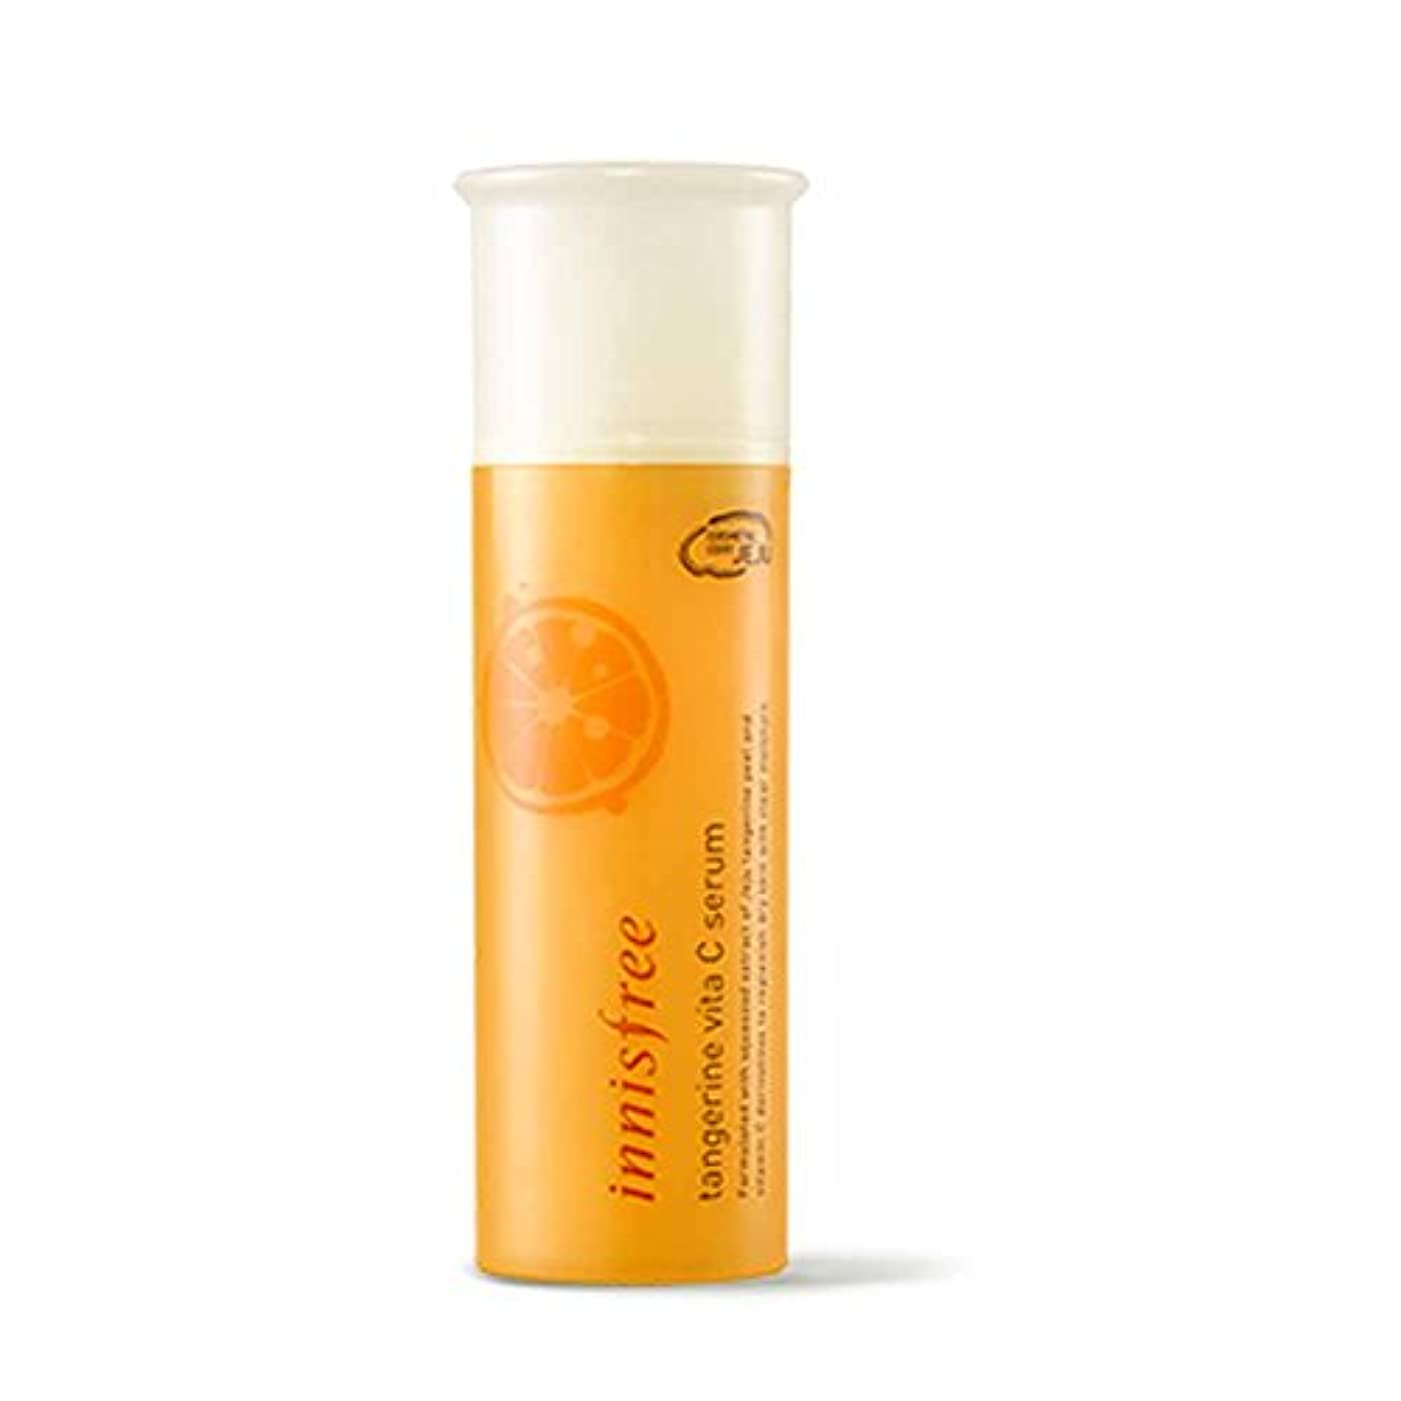 神の高度文献イニスフリータンジェリンビタCセラム50ml Innisfree Tangerine Vita C Serum 50ml [海外直送品][並行輸入品]